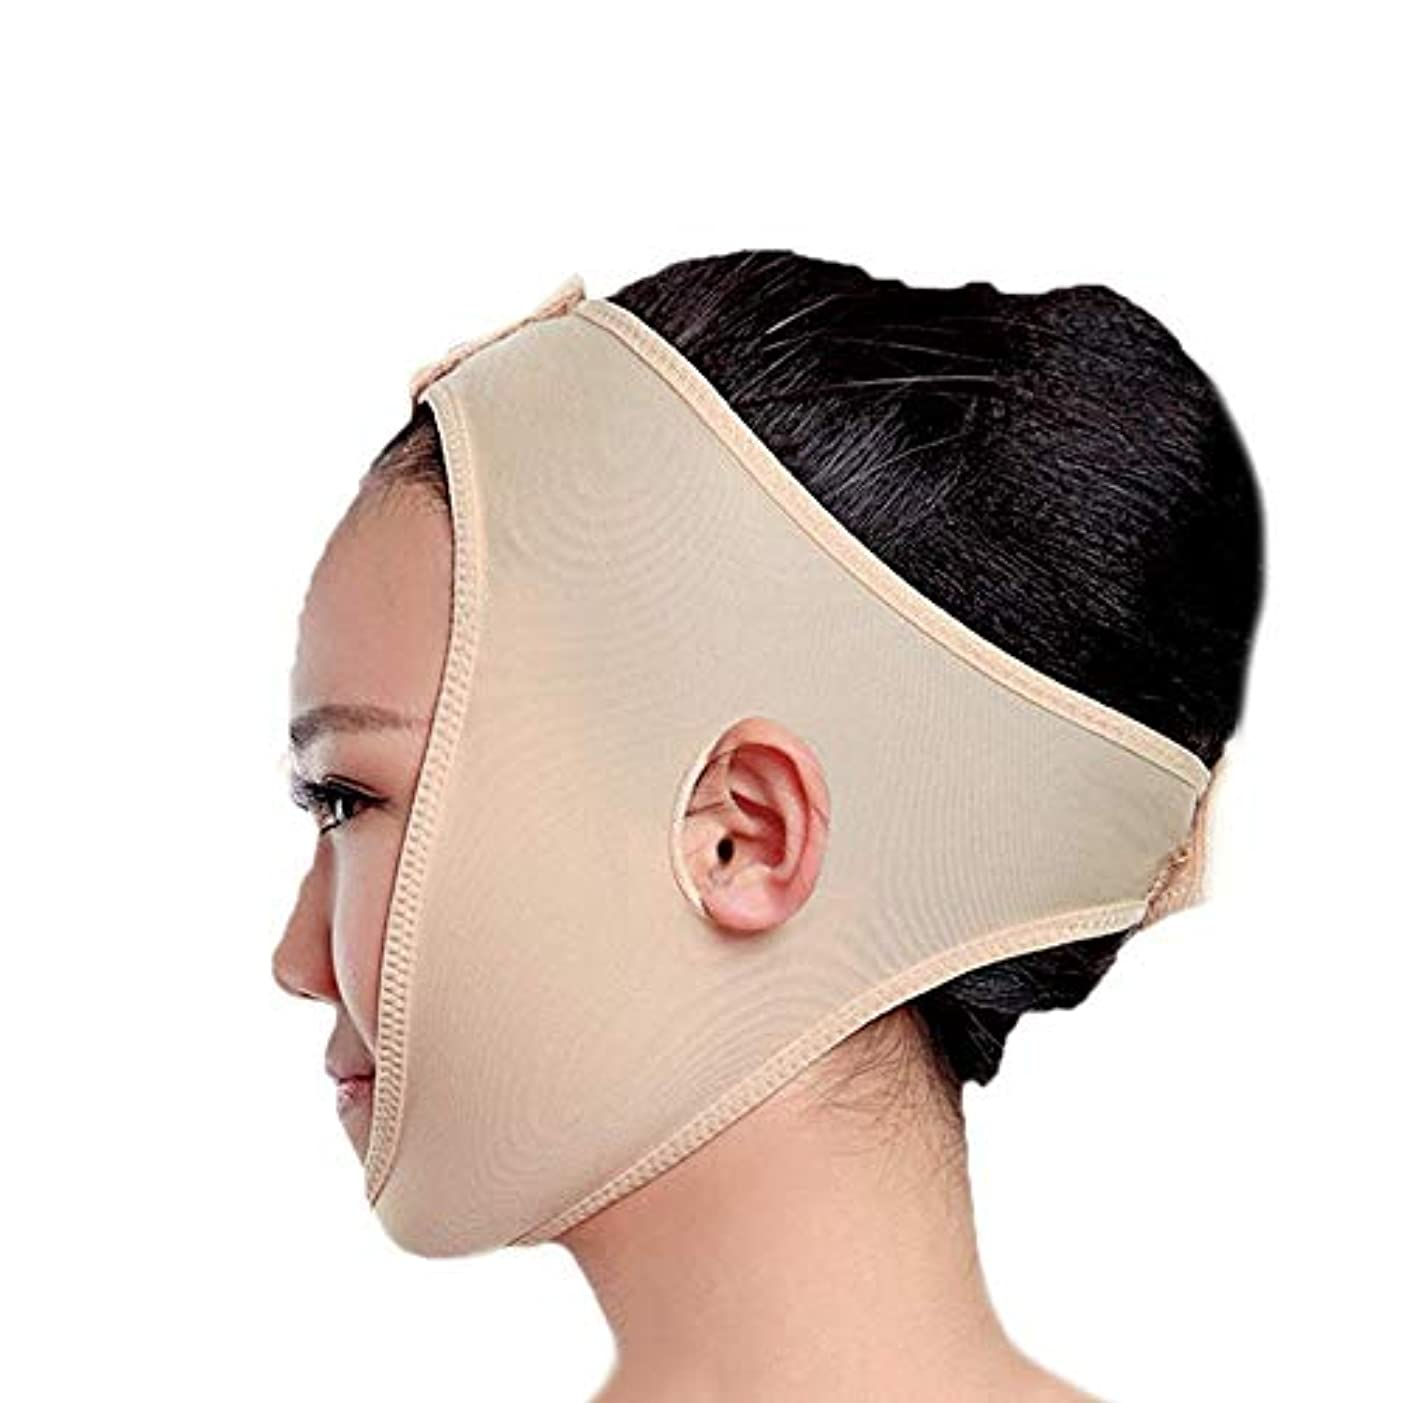 フェイススリミングマスク、快適さと通気性、フェイシャルリフティング、輪郭の改善された硬さ、ファーミングとリフティングフェイス(カラー:ブラック、サイズ:XL),黄色がかったピンク2、XL